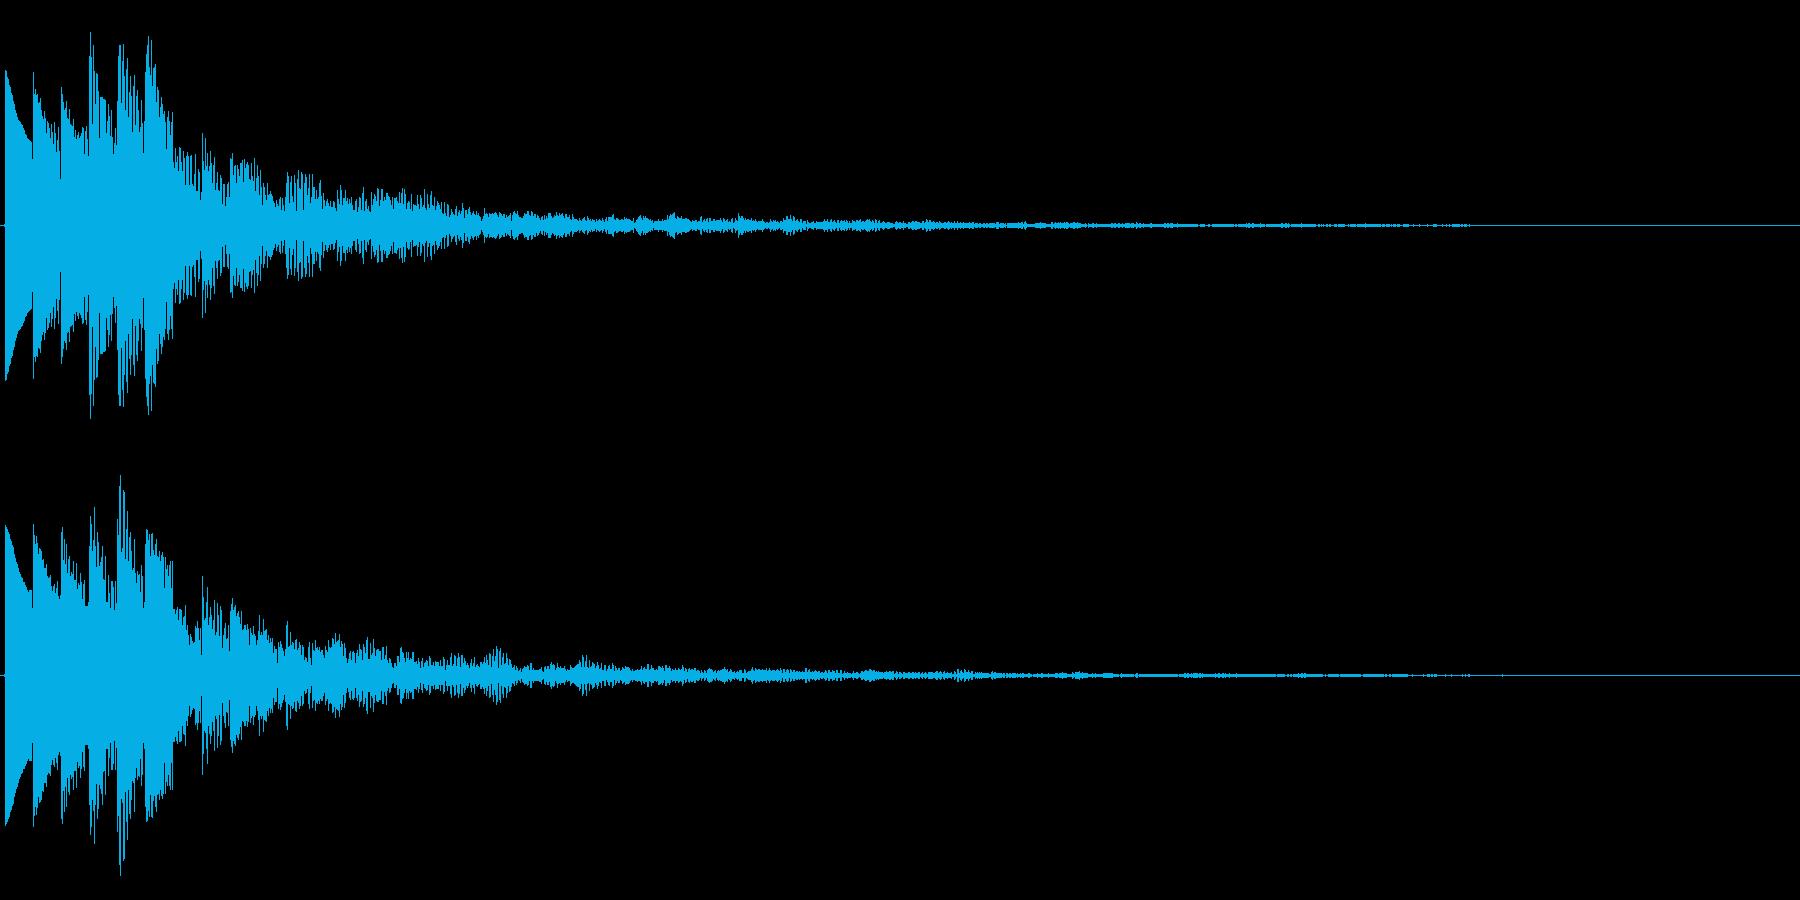 キラキラ/決定音/綺麗/エコーの再生済みの波形